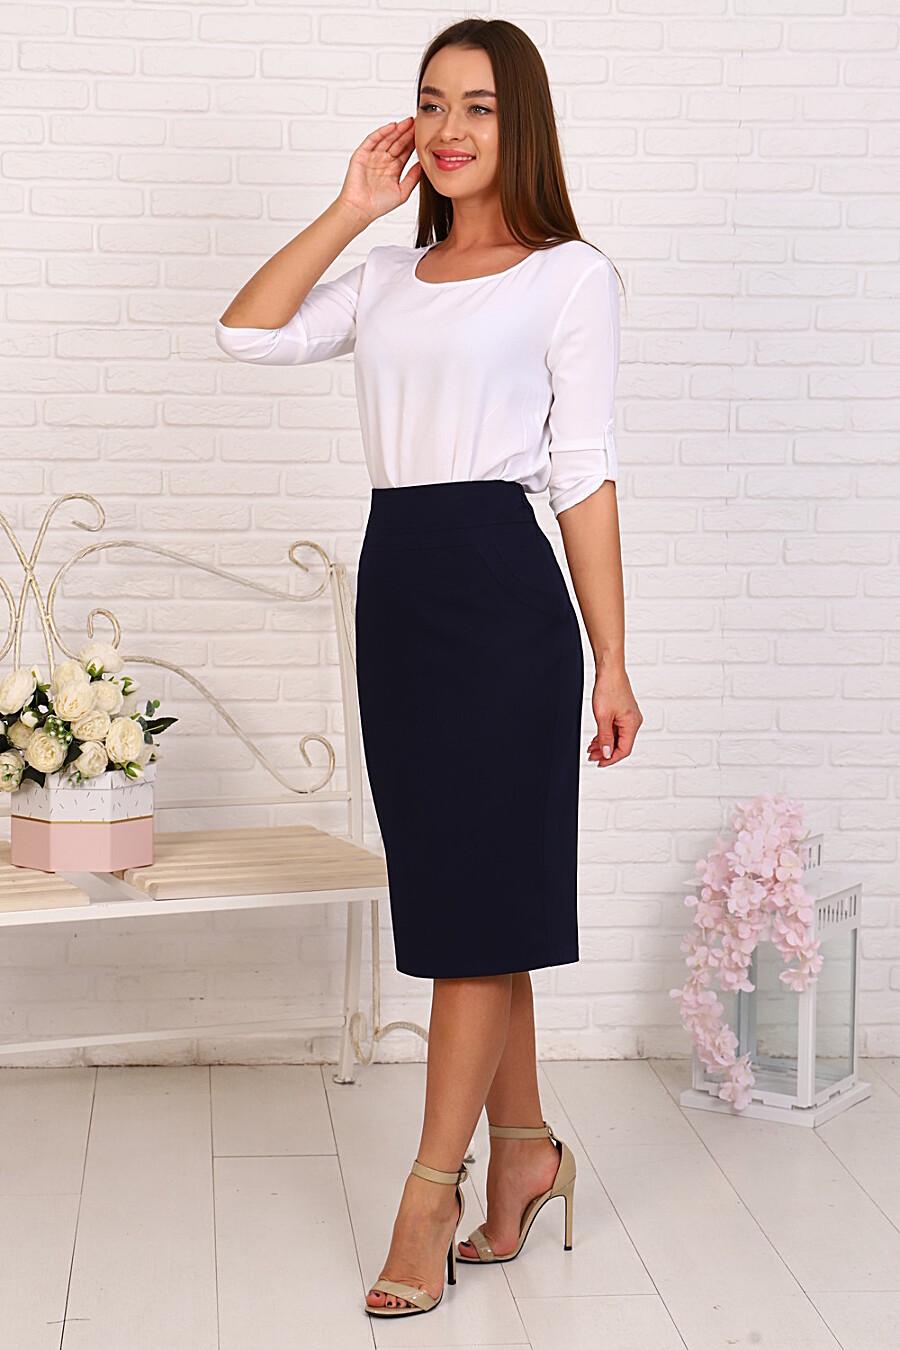 Юбка 0587 для женщин НАТАЛИ 289254 купить оптом от производителя. Совместная покупка женской одежды в OptMoyo